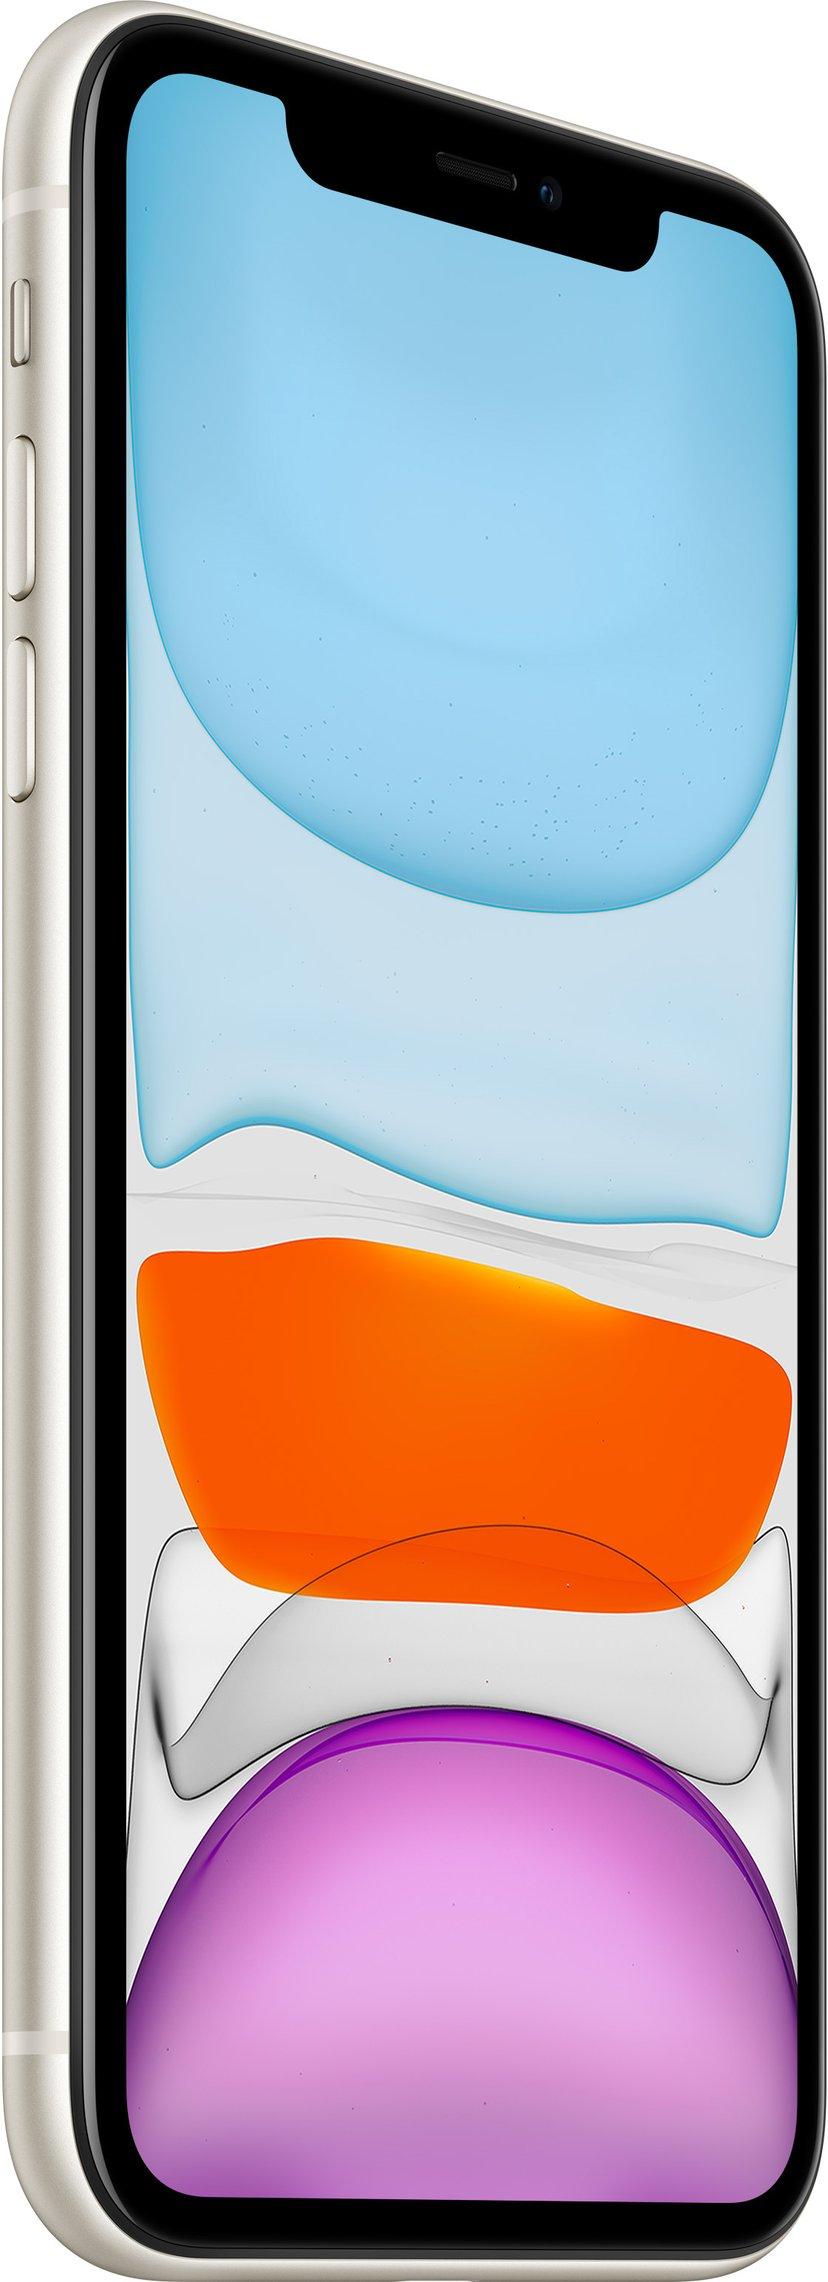 Apple iPhone 11 64GB Hvid